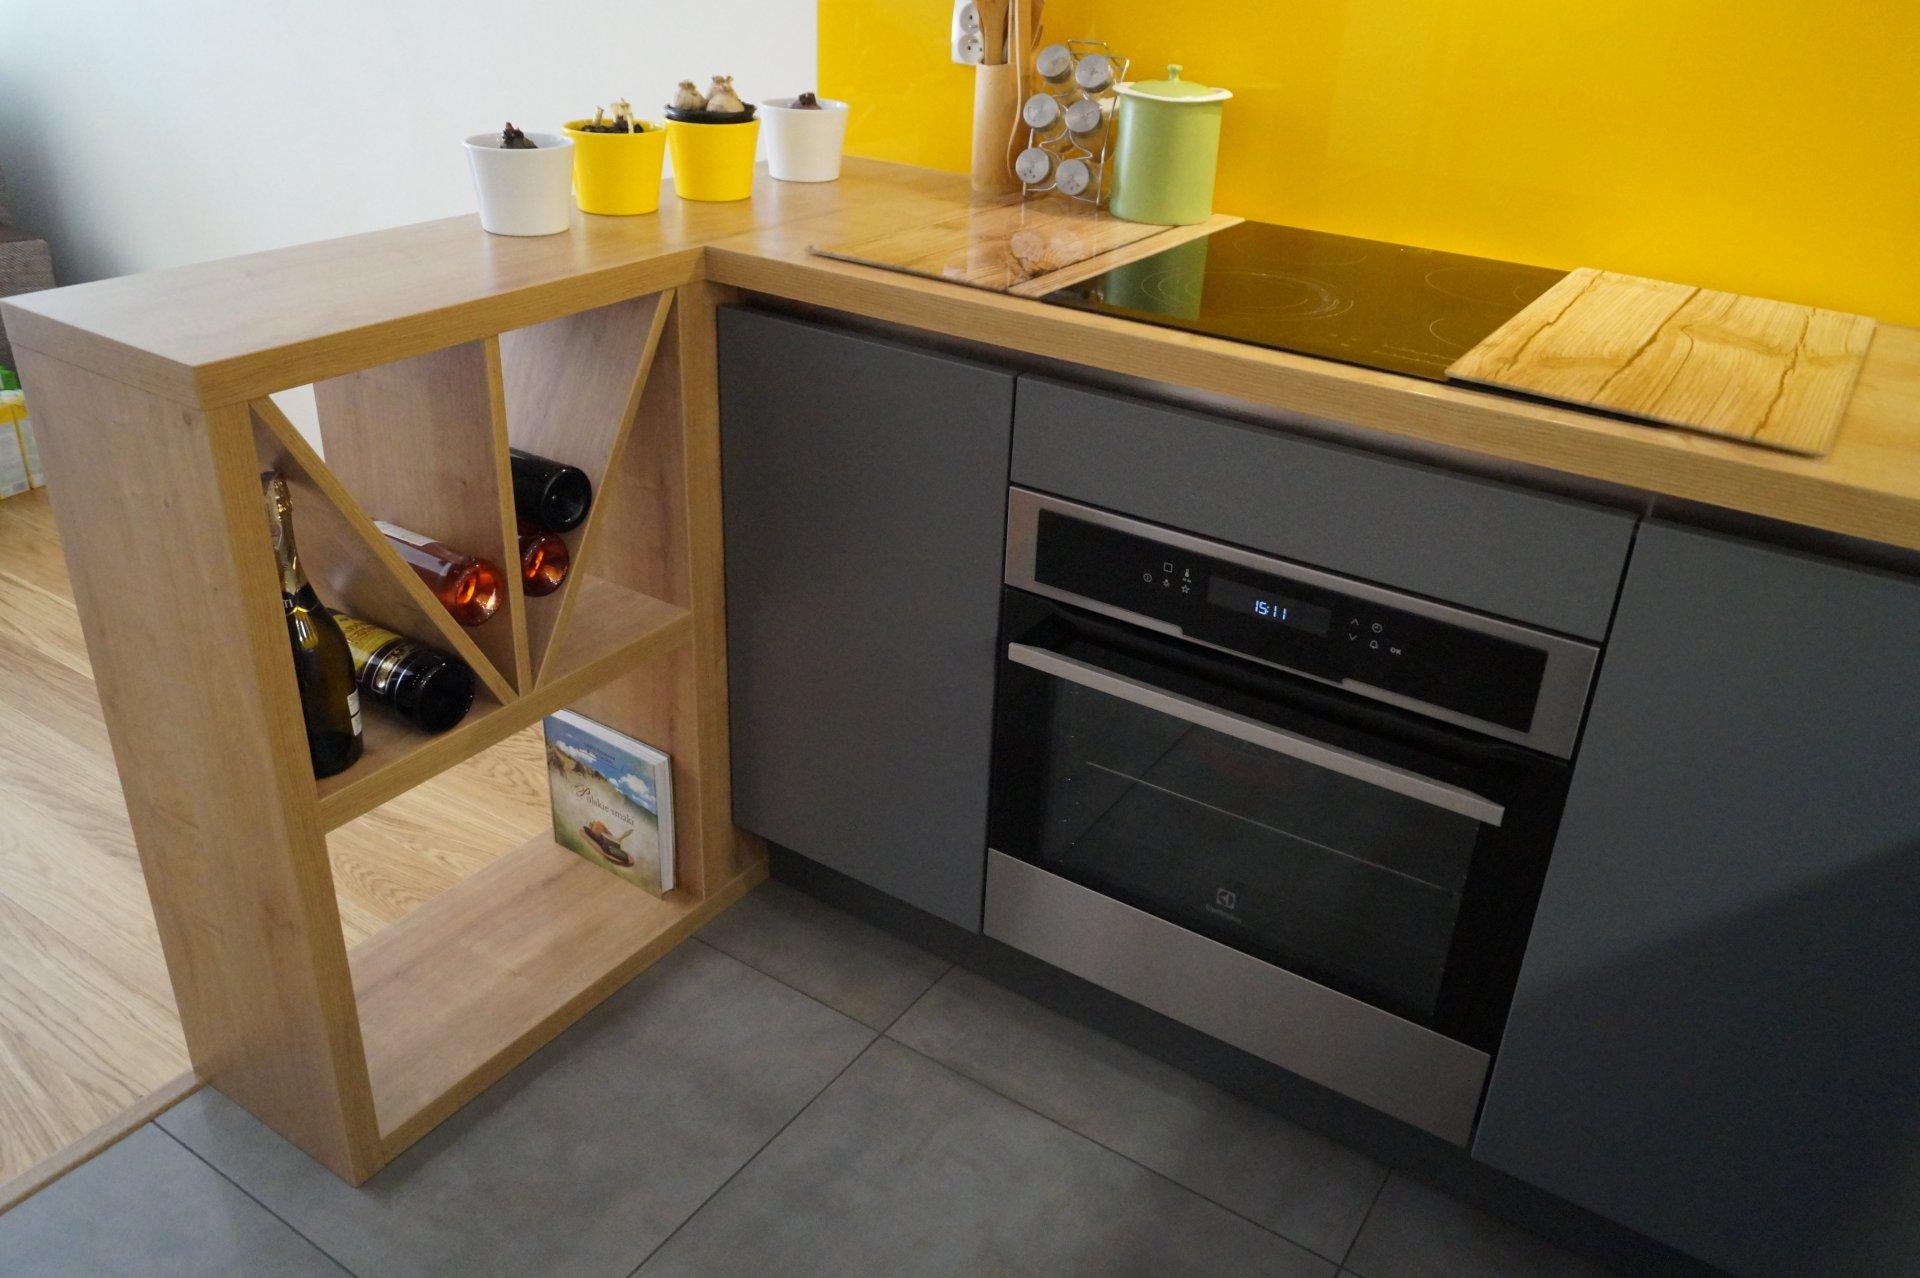 Kuchnia WFM Linea biały mat - Calma szary mat M112 - Meble kuchenne na wymiar Kraków, kuchnie na wymiar Kraków - WFM Kuchnie Kraków